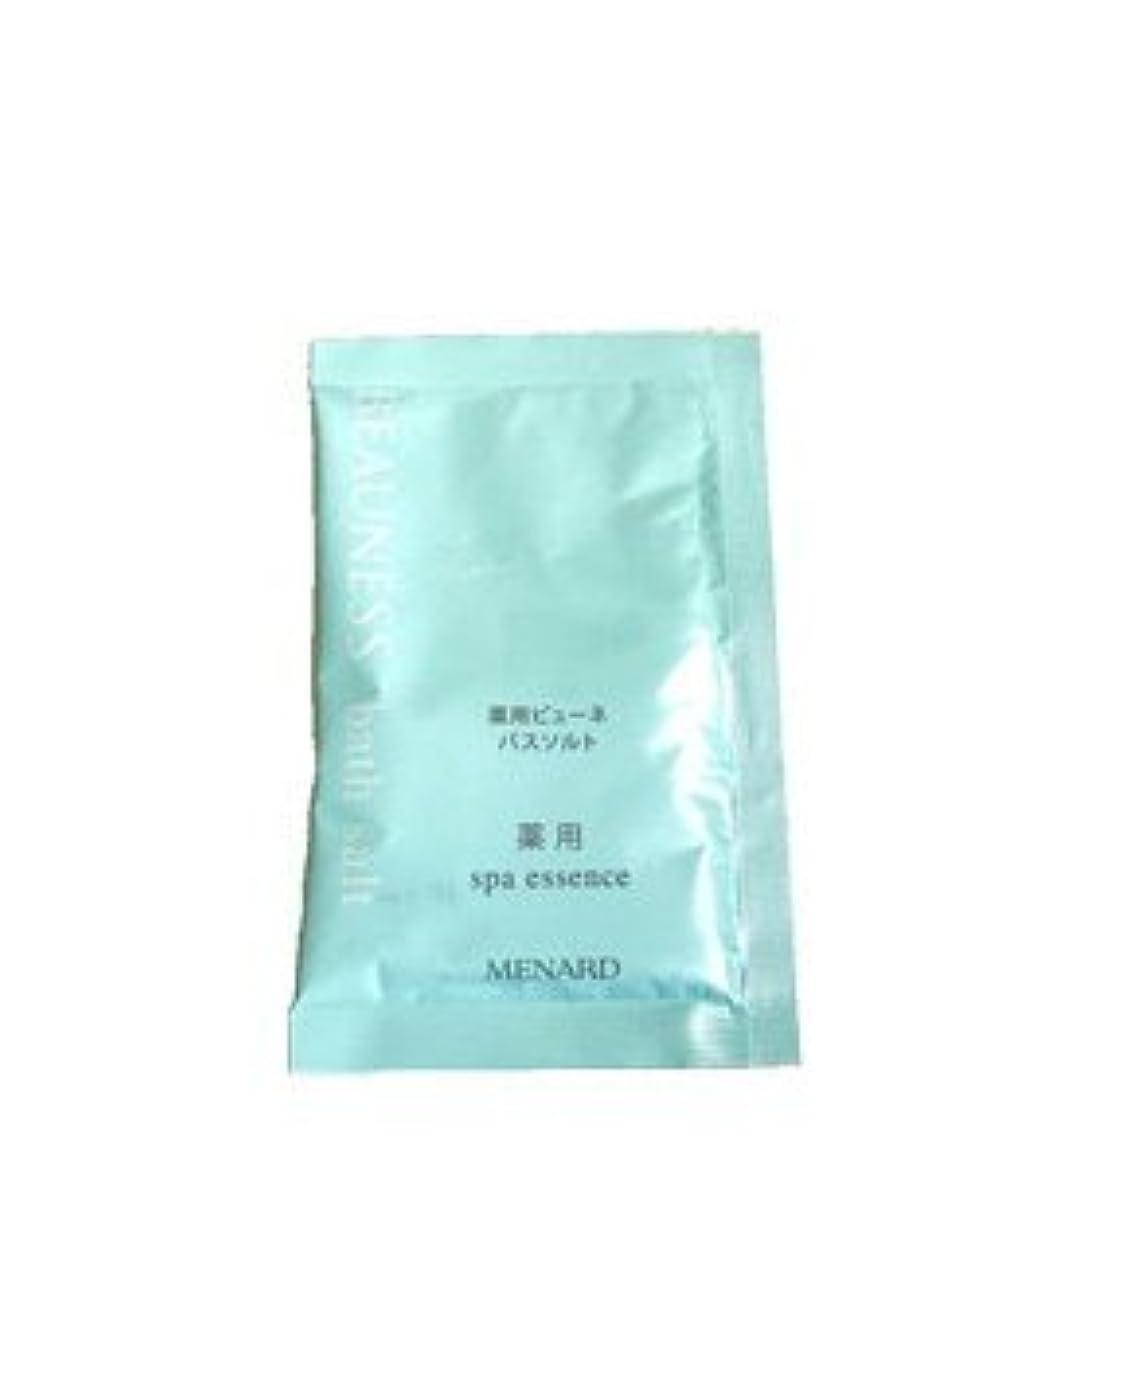 不快な菊農場メナード 薬用ビューネ バスソルト 20g×1包入 (並行輸入品)